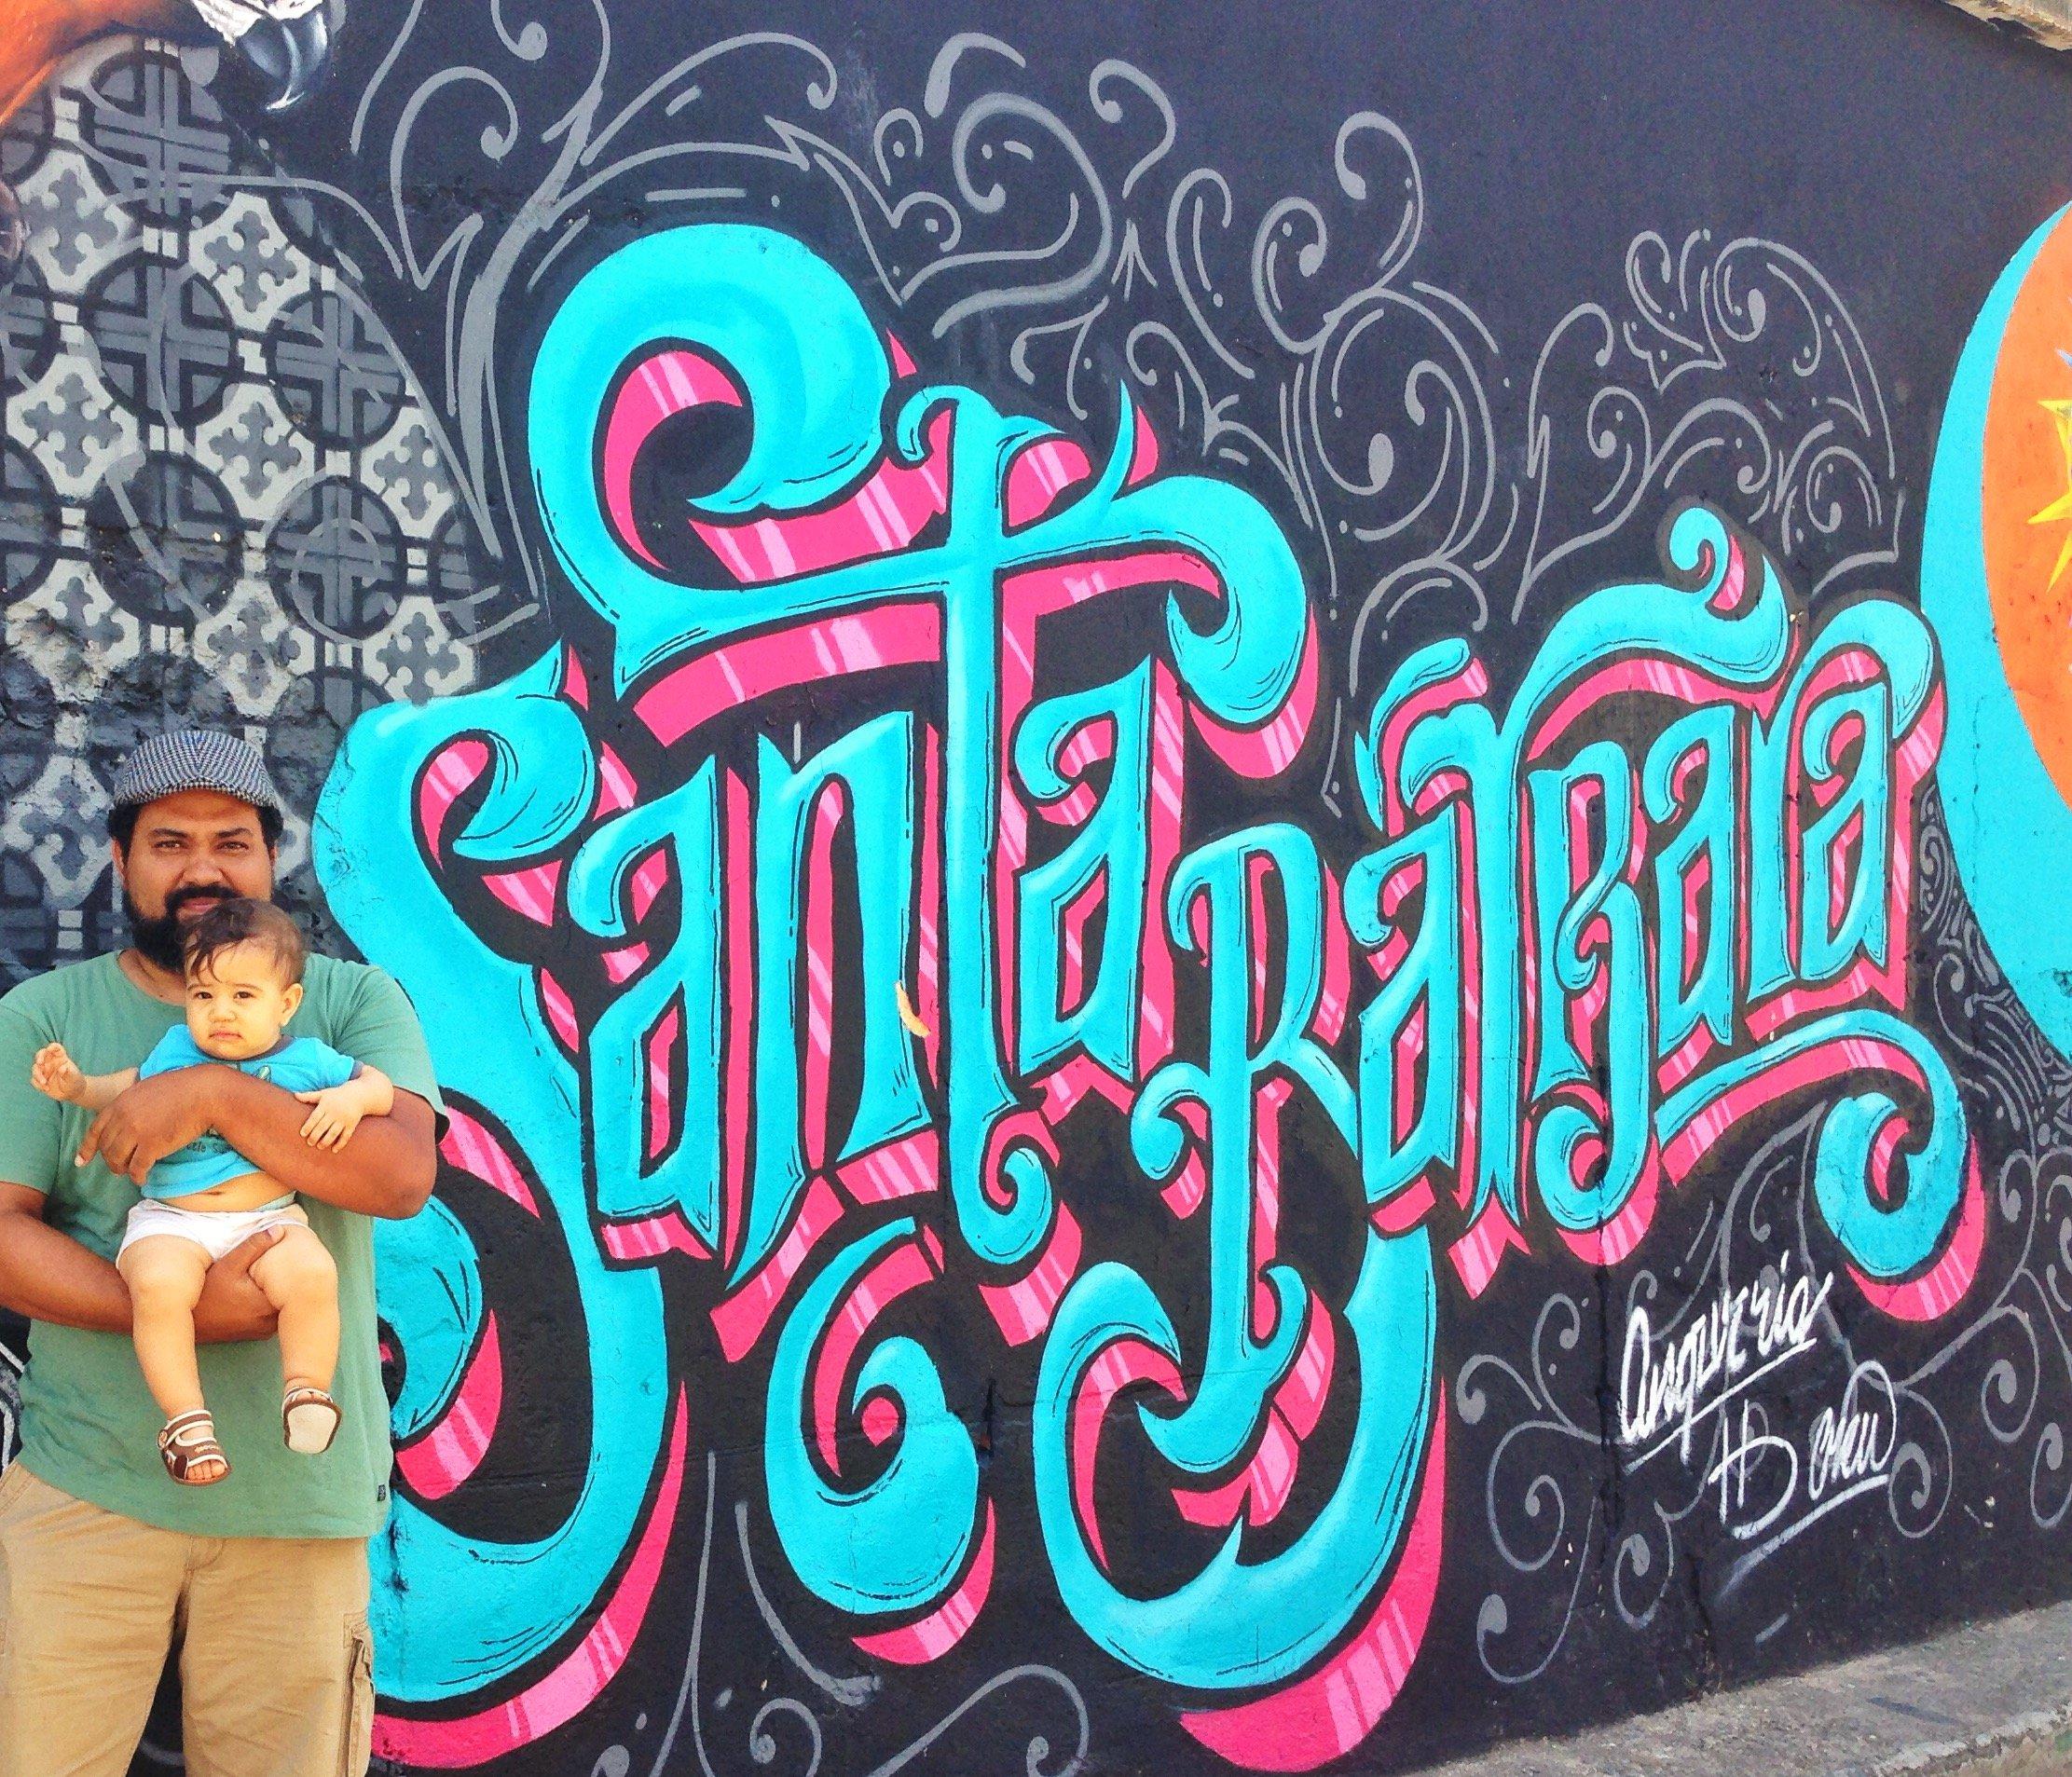 Juan Conde, el bebo y Angurria (solo su firma jaja) en Hoy Santa Barbara 2015